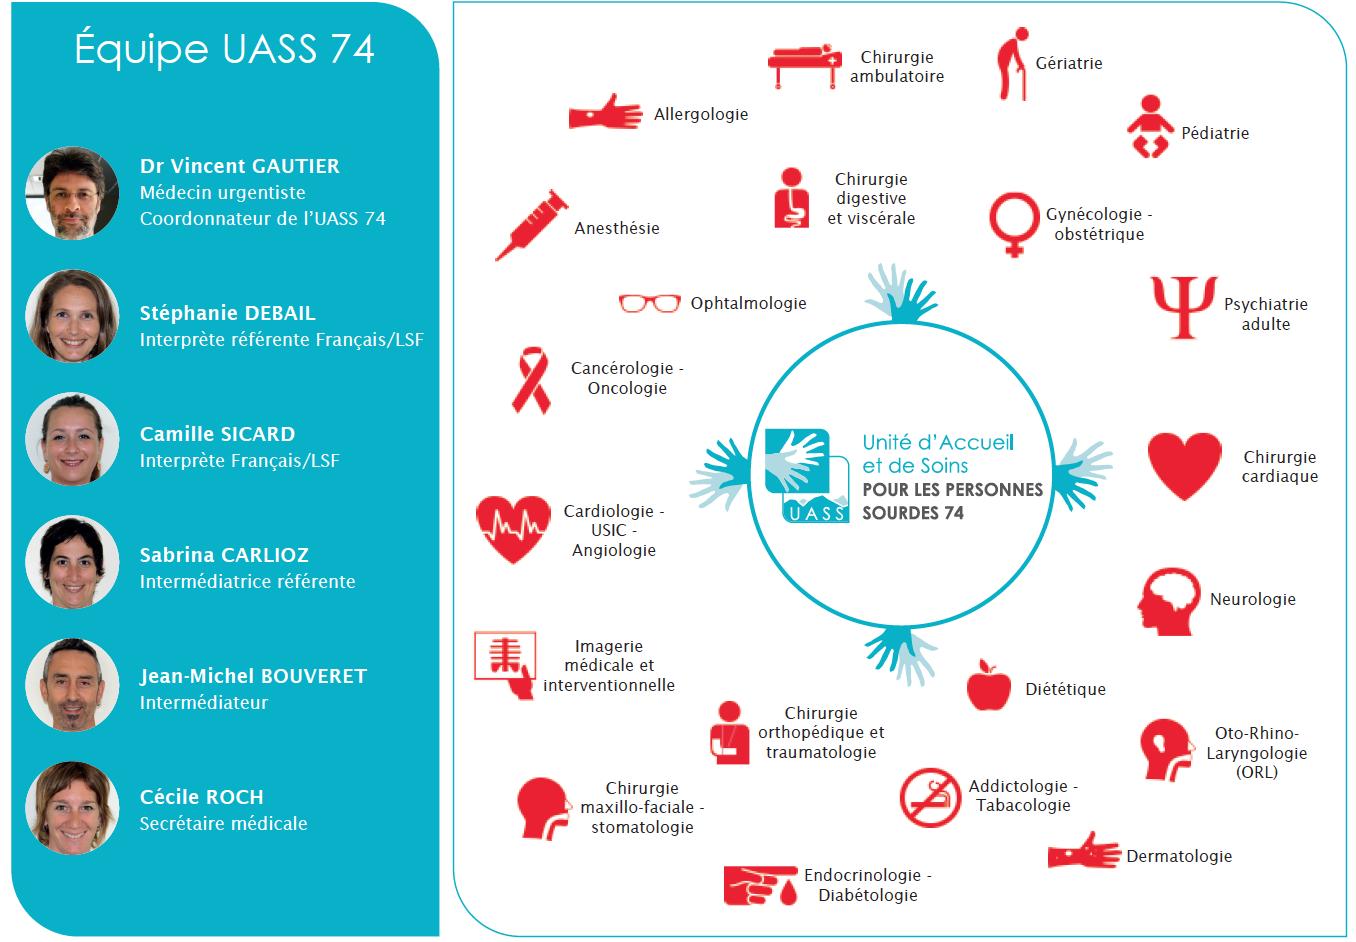 CENTRE HOSPITALIER ANNECY-GENEVOIS : UASS74 Unité d'Accueil et de Soins pour les Personnes Sourdes